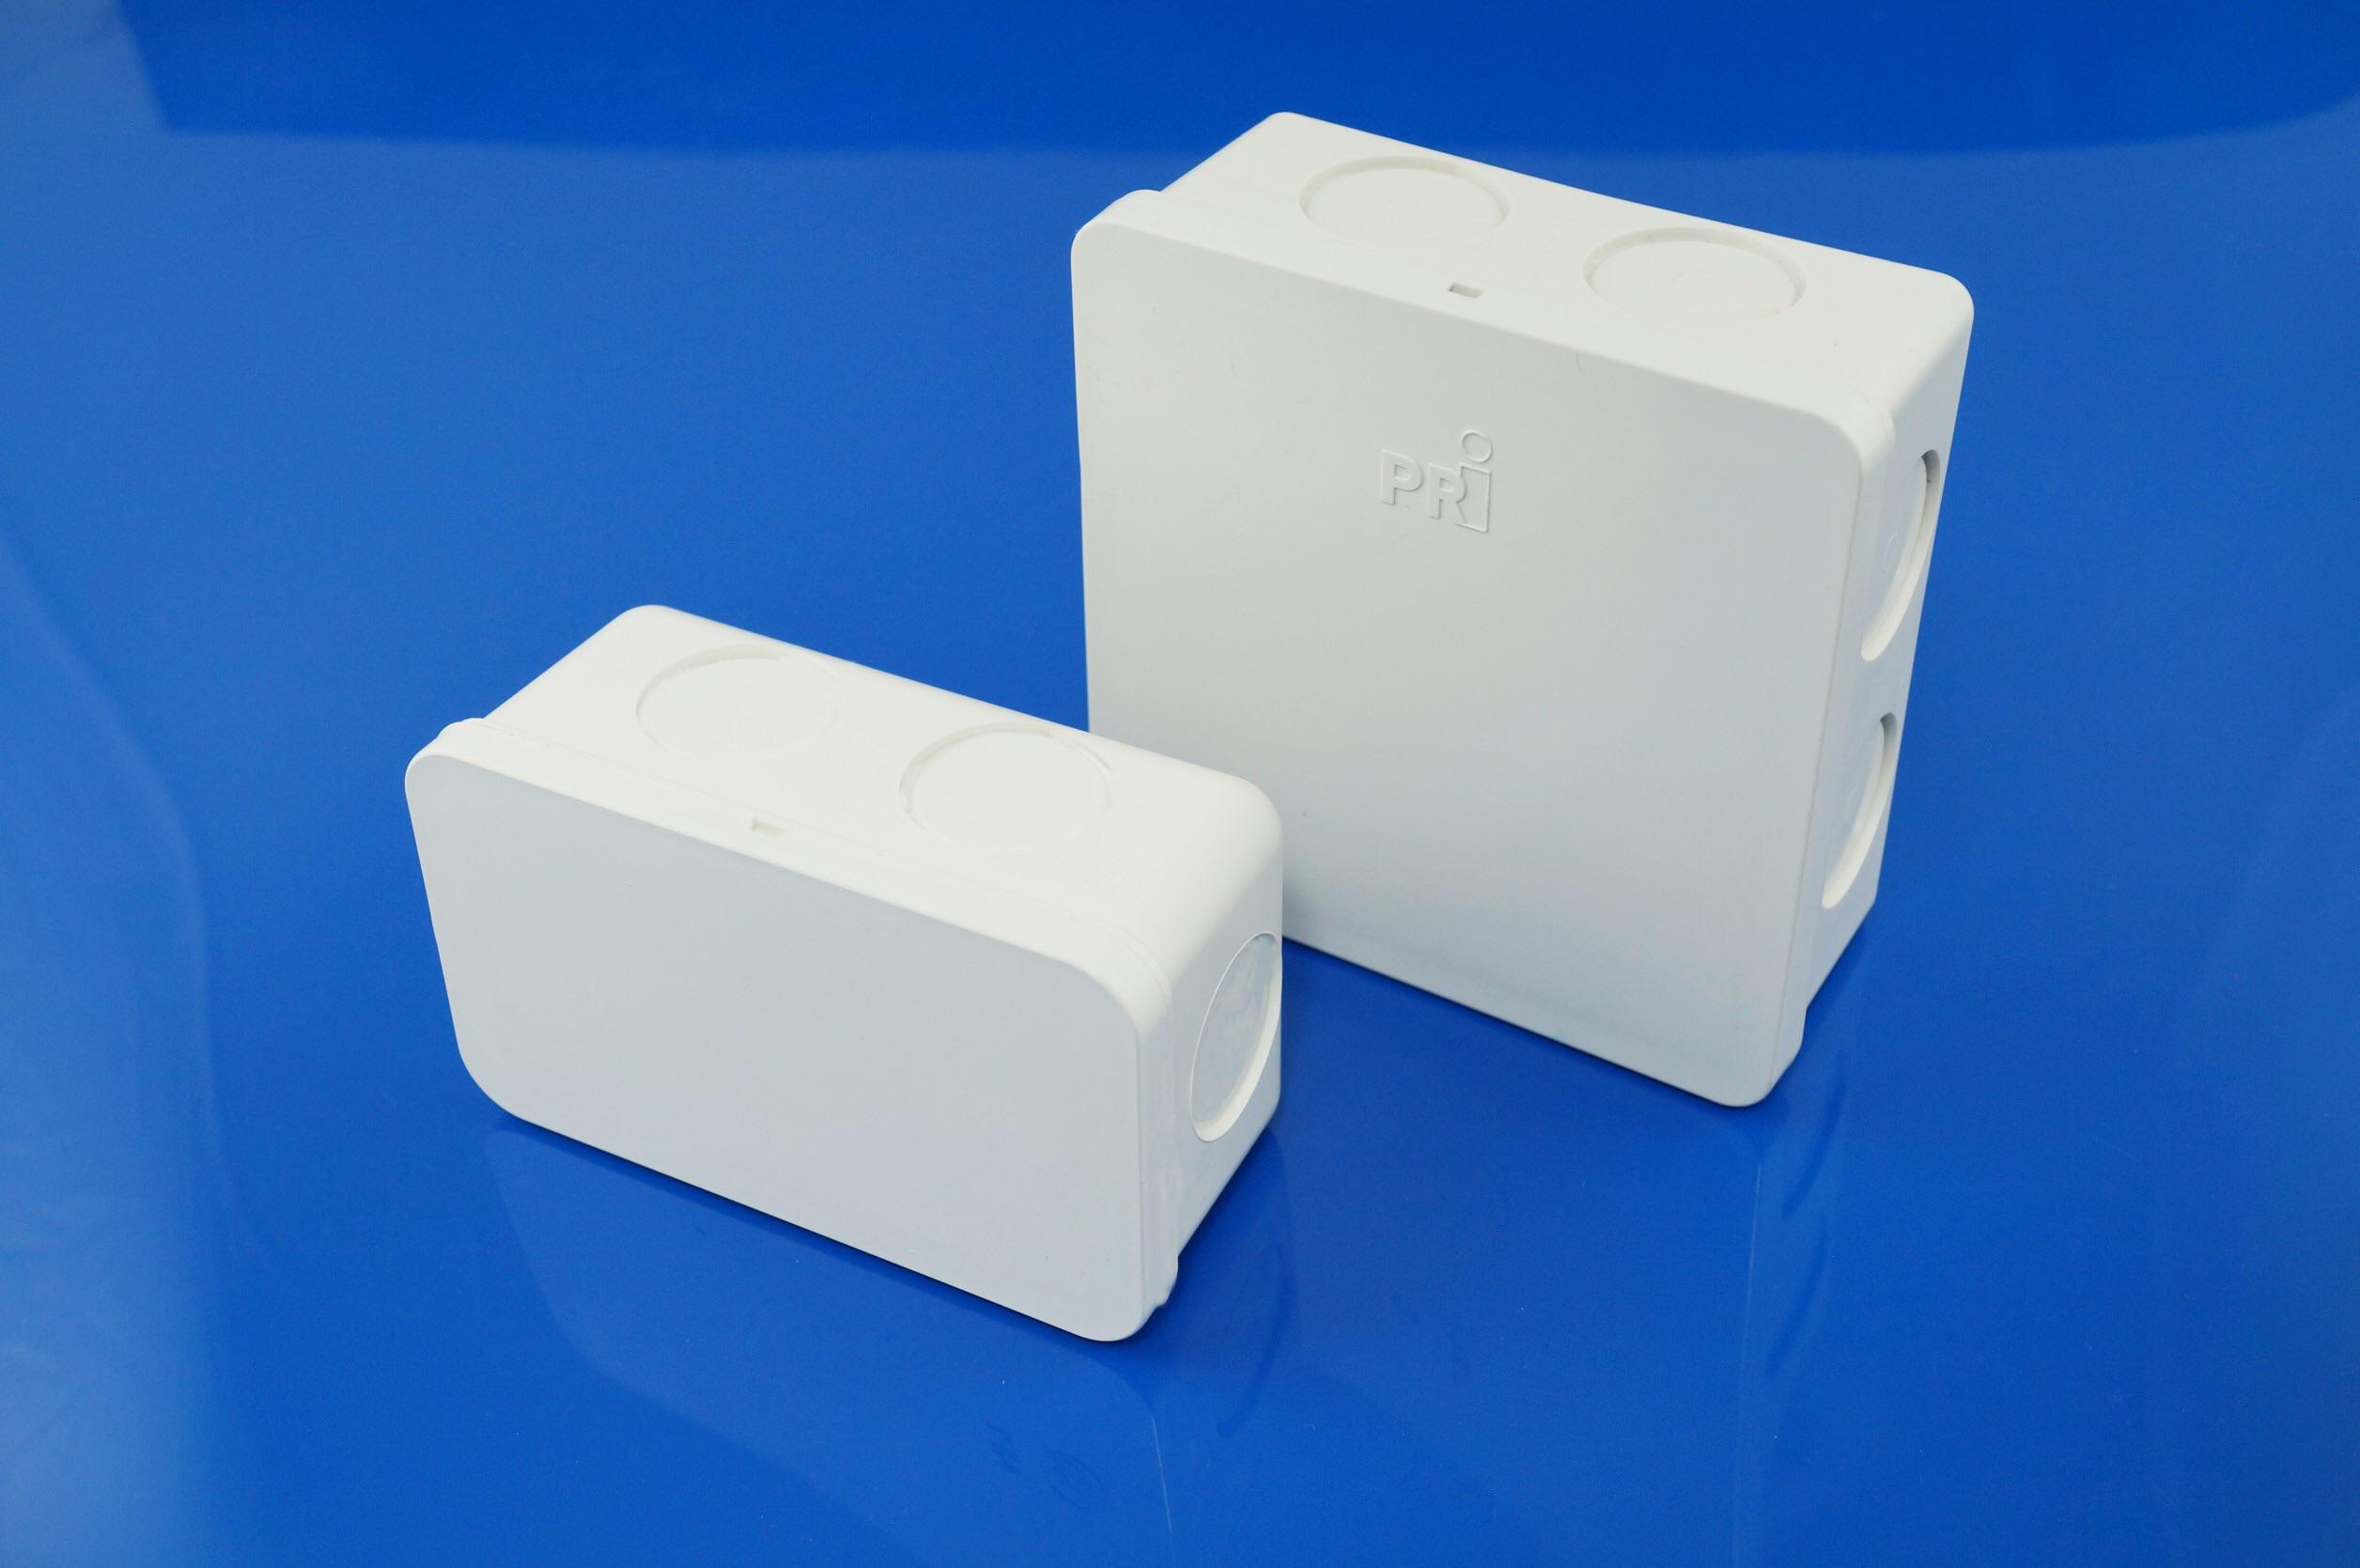 กล่องพักสายสี่เหลี่ยม รุ่น SB 1 แพ็ค